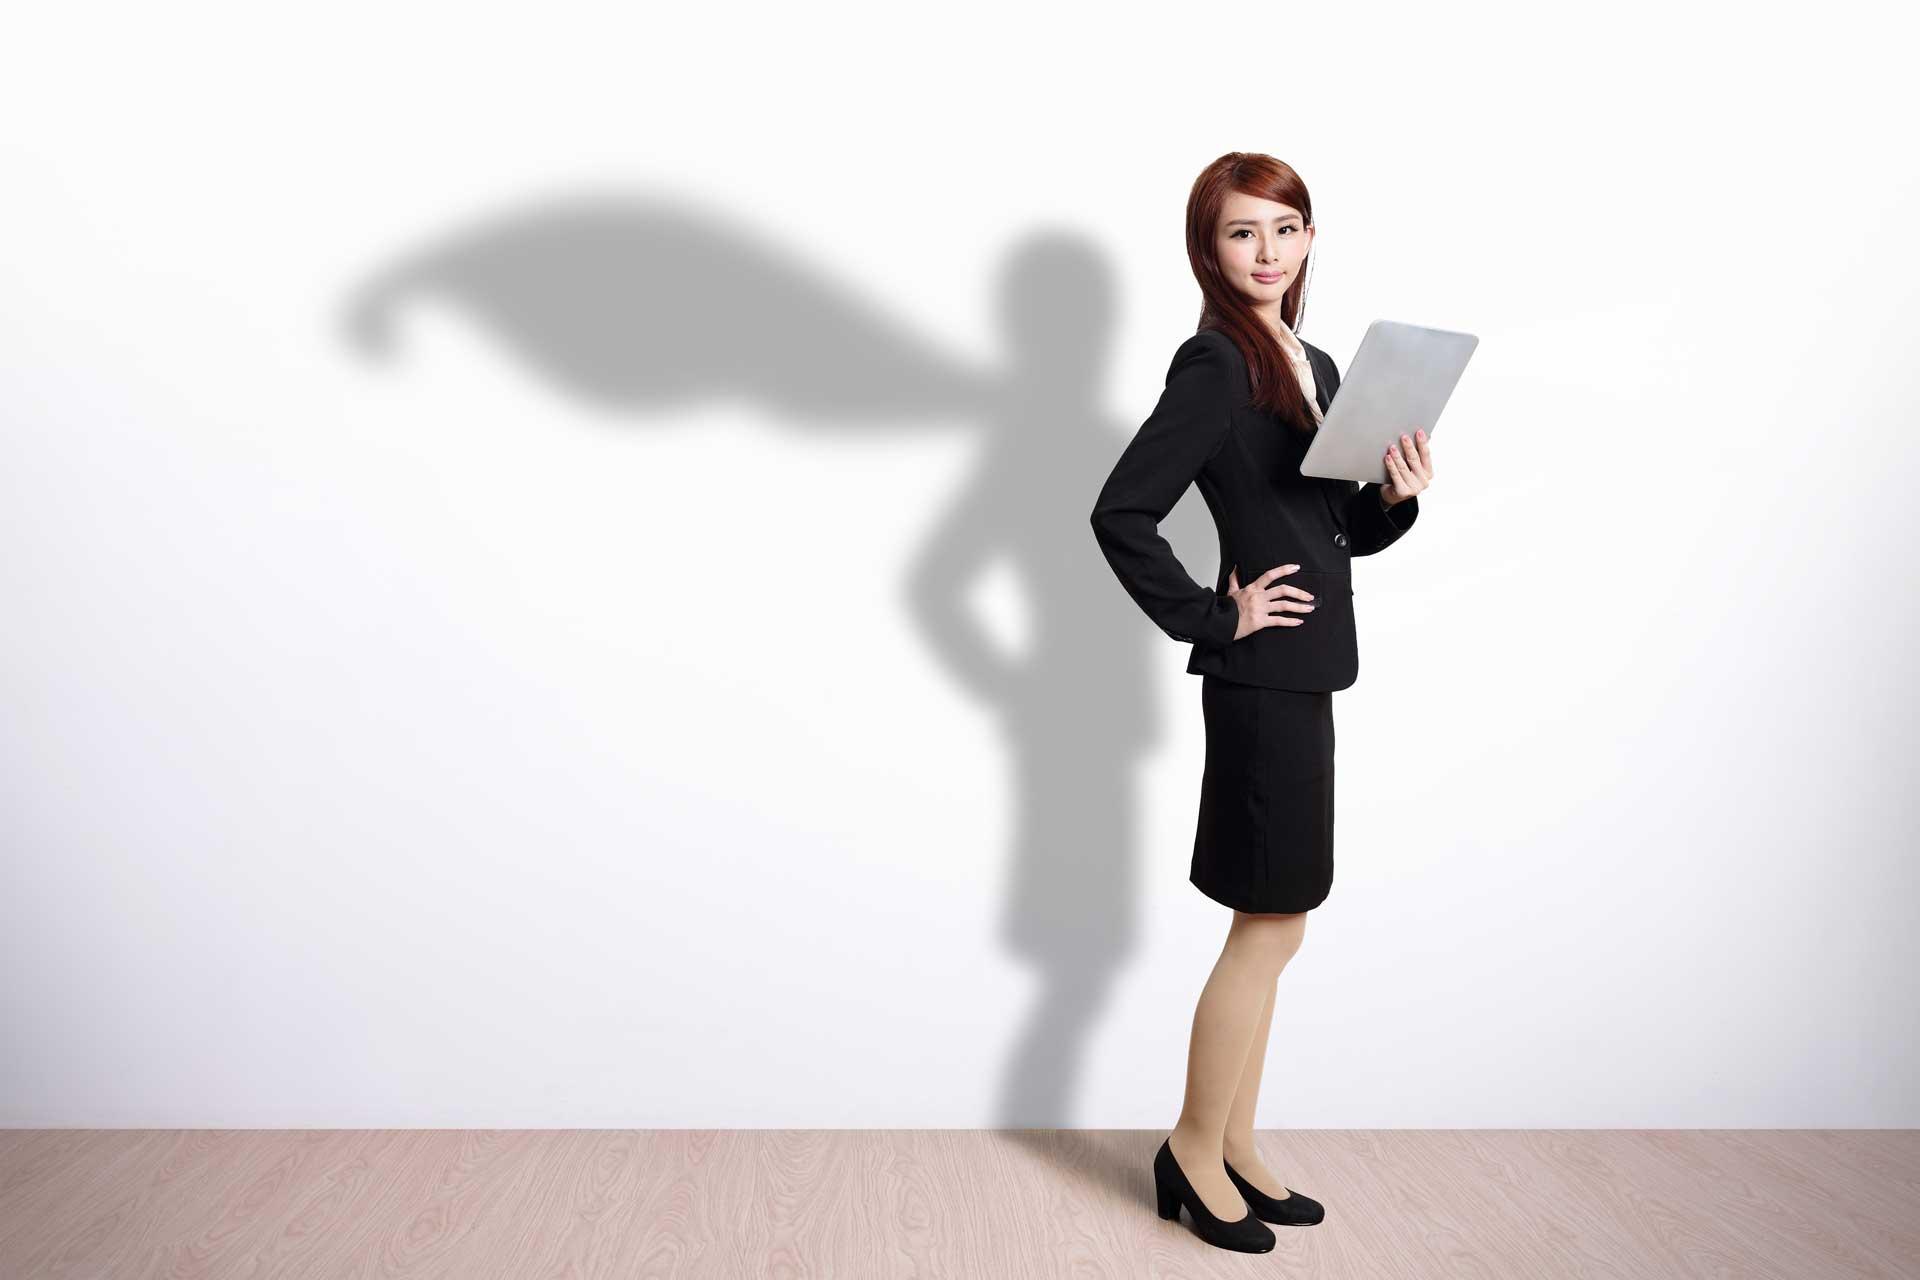 Supermanager o dipendenti: chi mente di più sul merito?